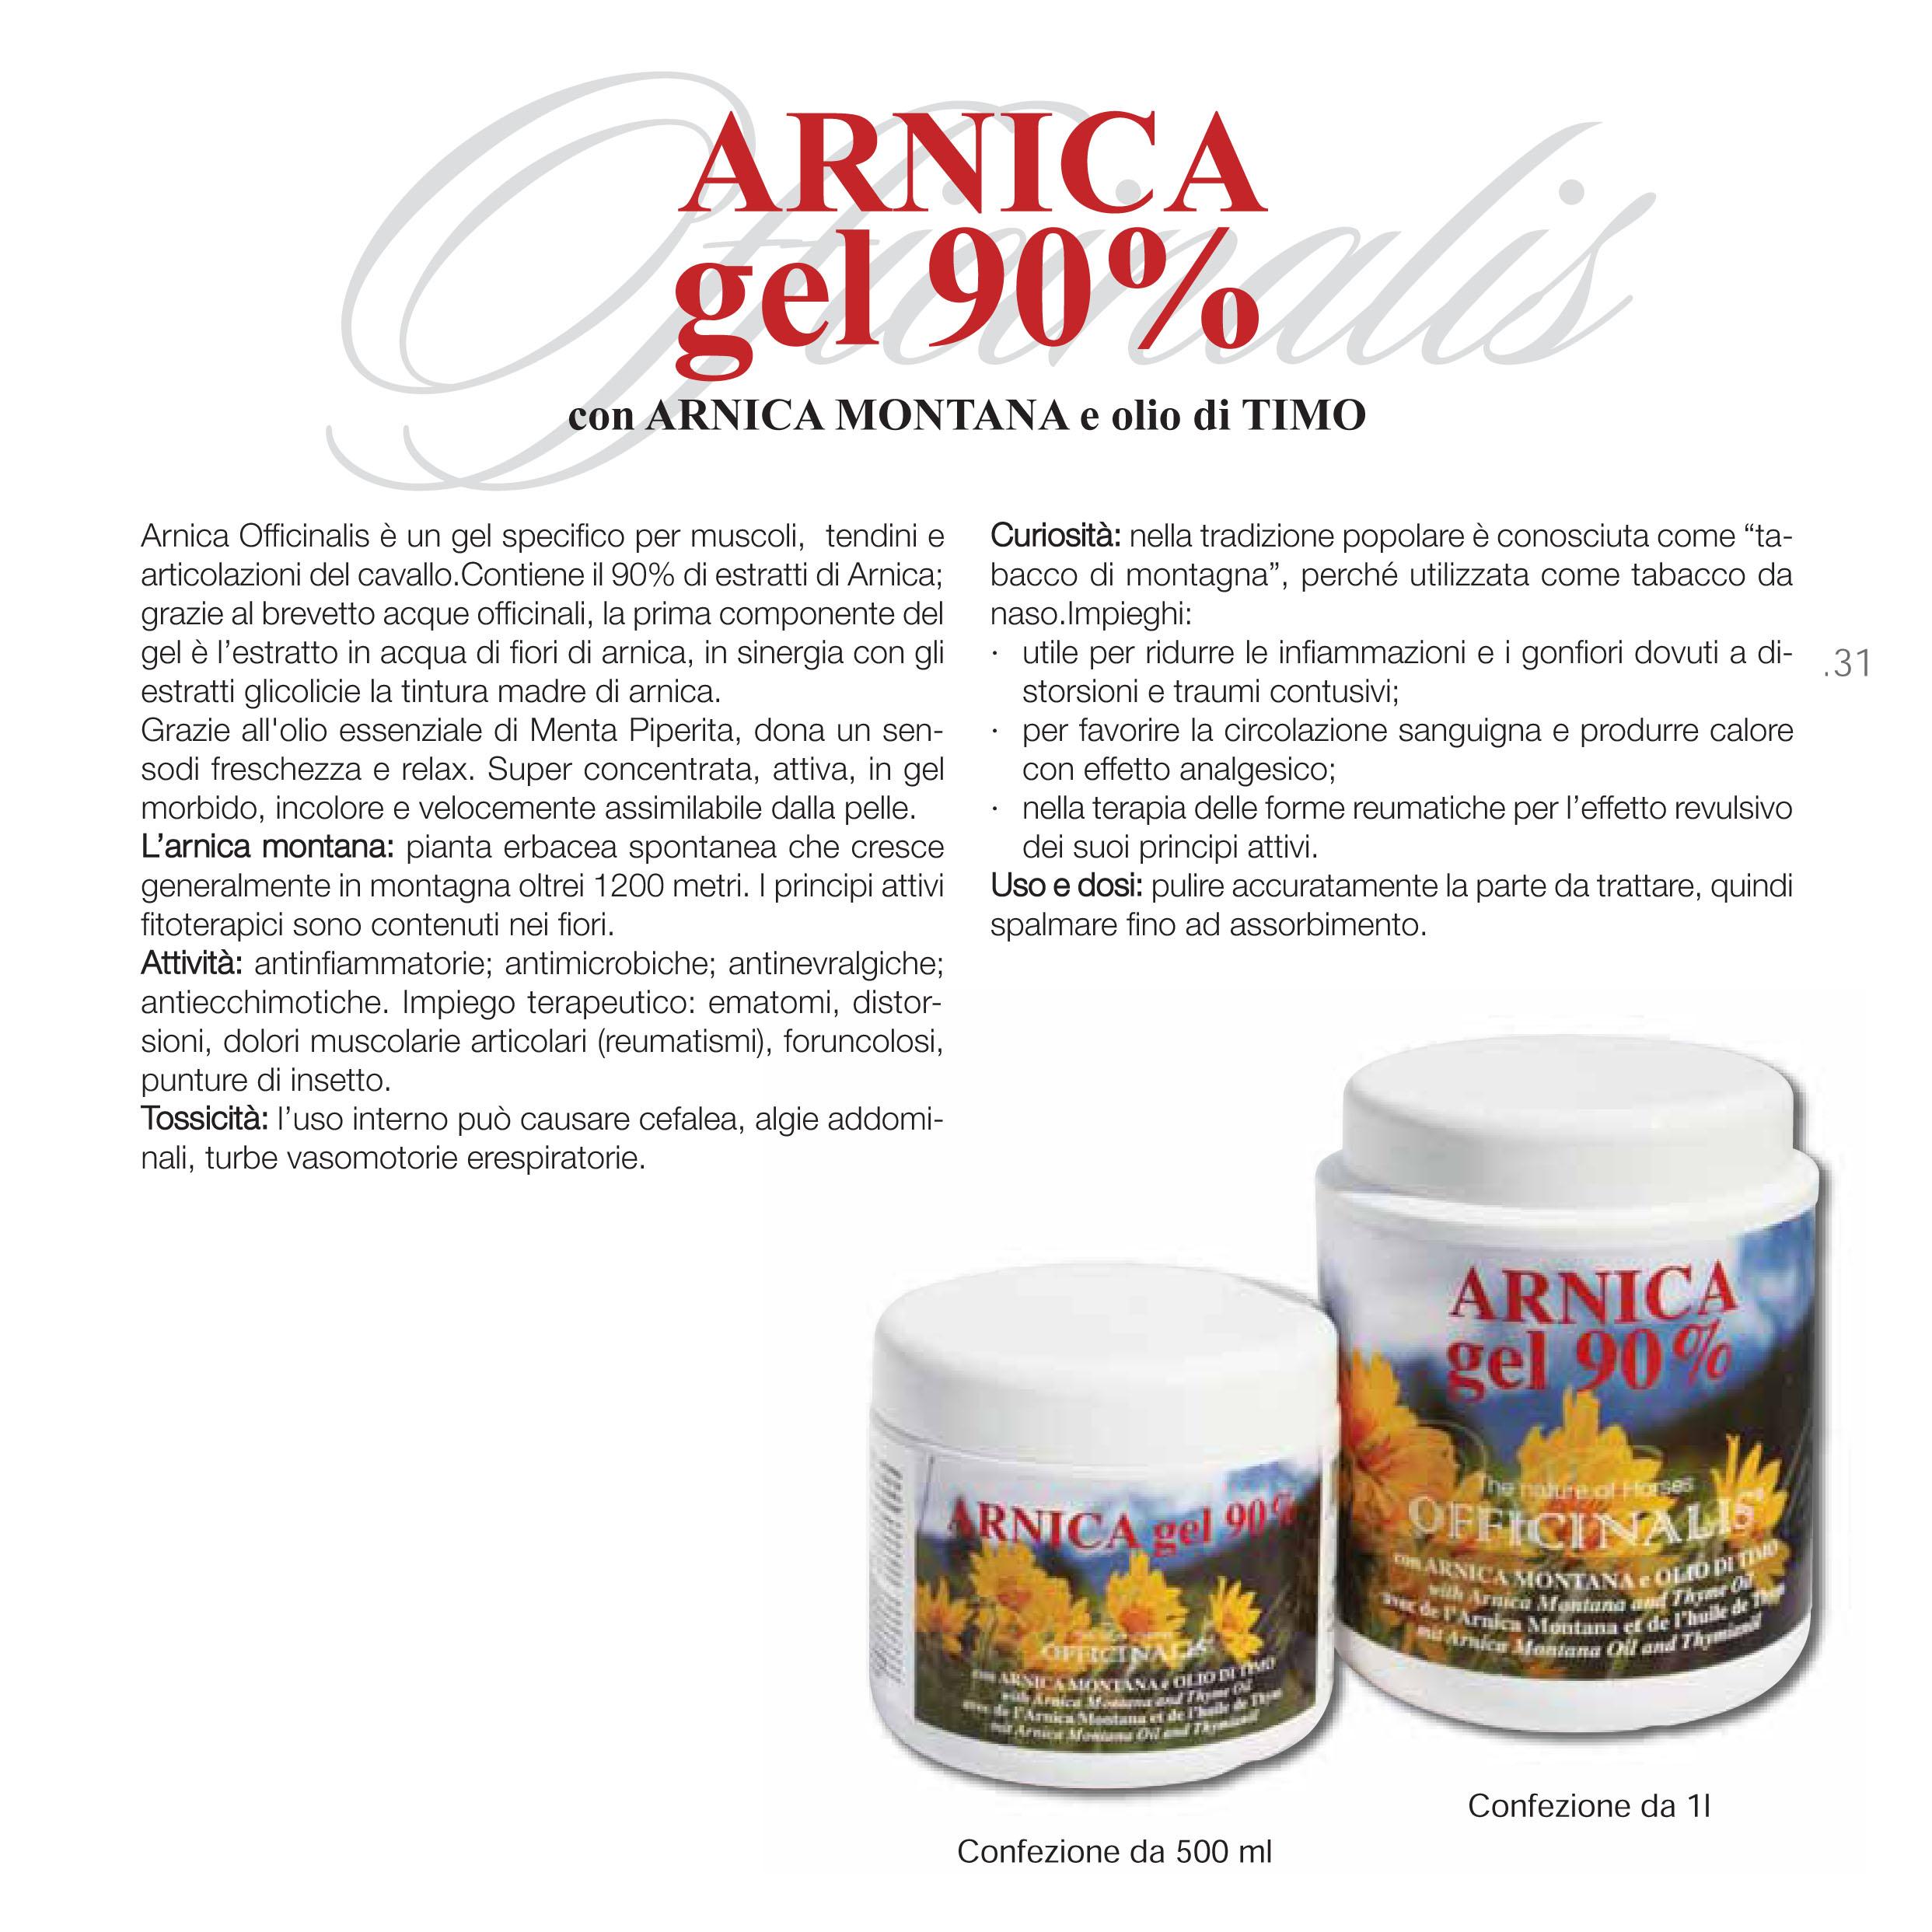 officinalis arnica gel 90%25  ARNICA GEL 90% OFFICINALIS PER ARTICOLAZIONI DEL CAVALLO - MySelleria